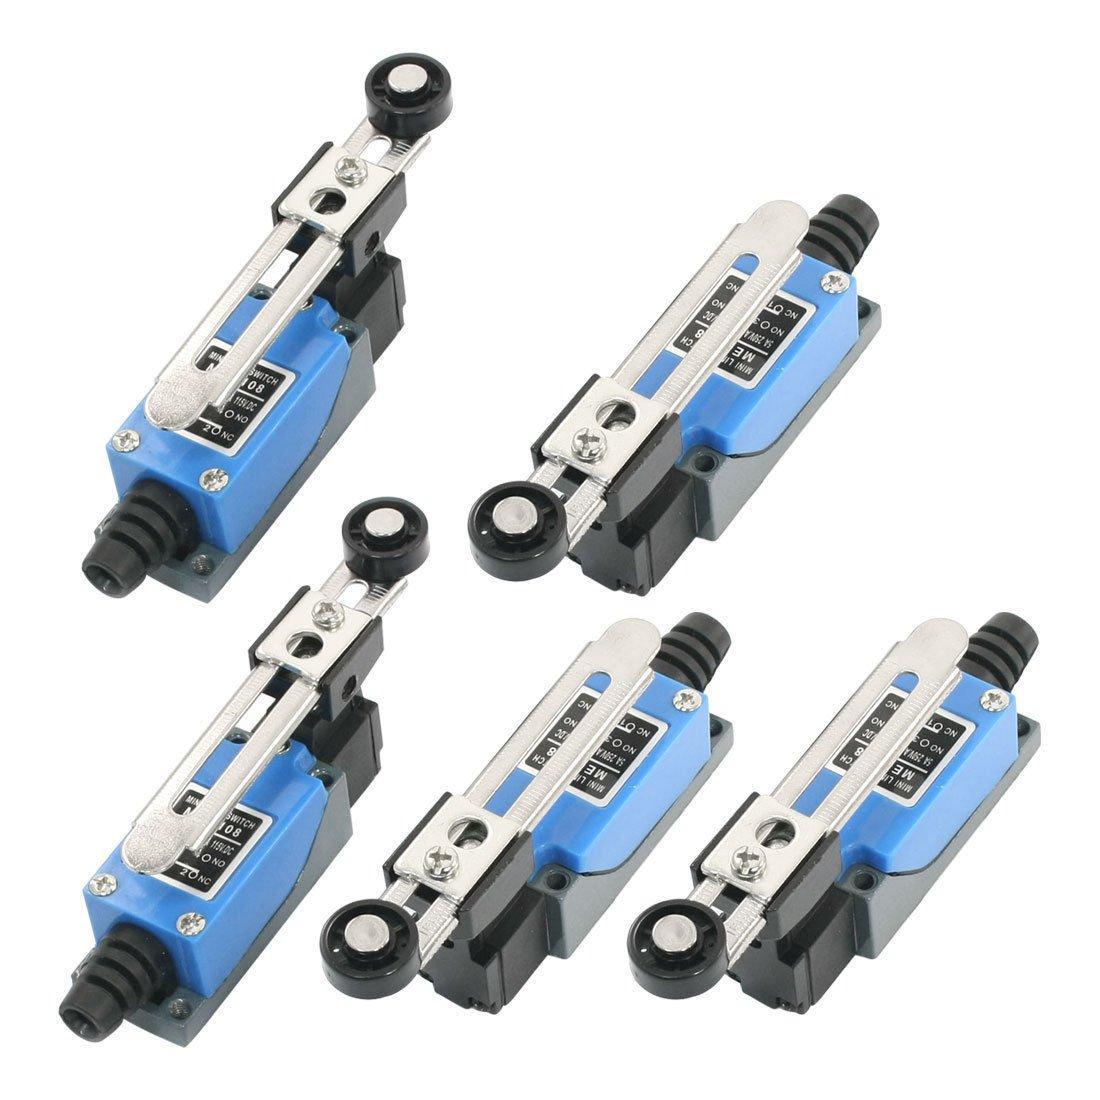 5Pcs ME8108 AC250V 5A DC115V 0.4A Momentary Enclosed Mini Limit Switch